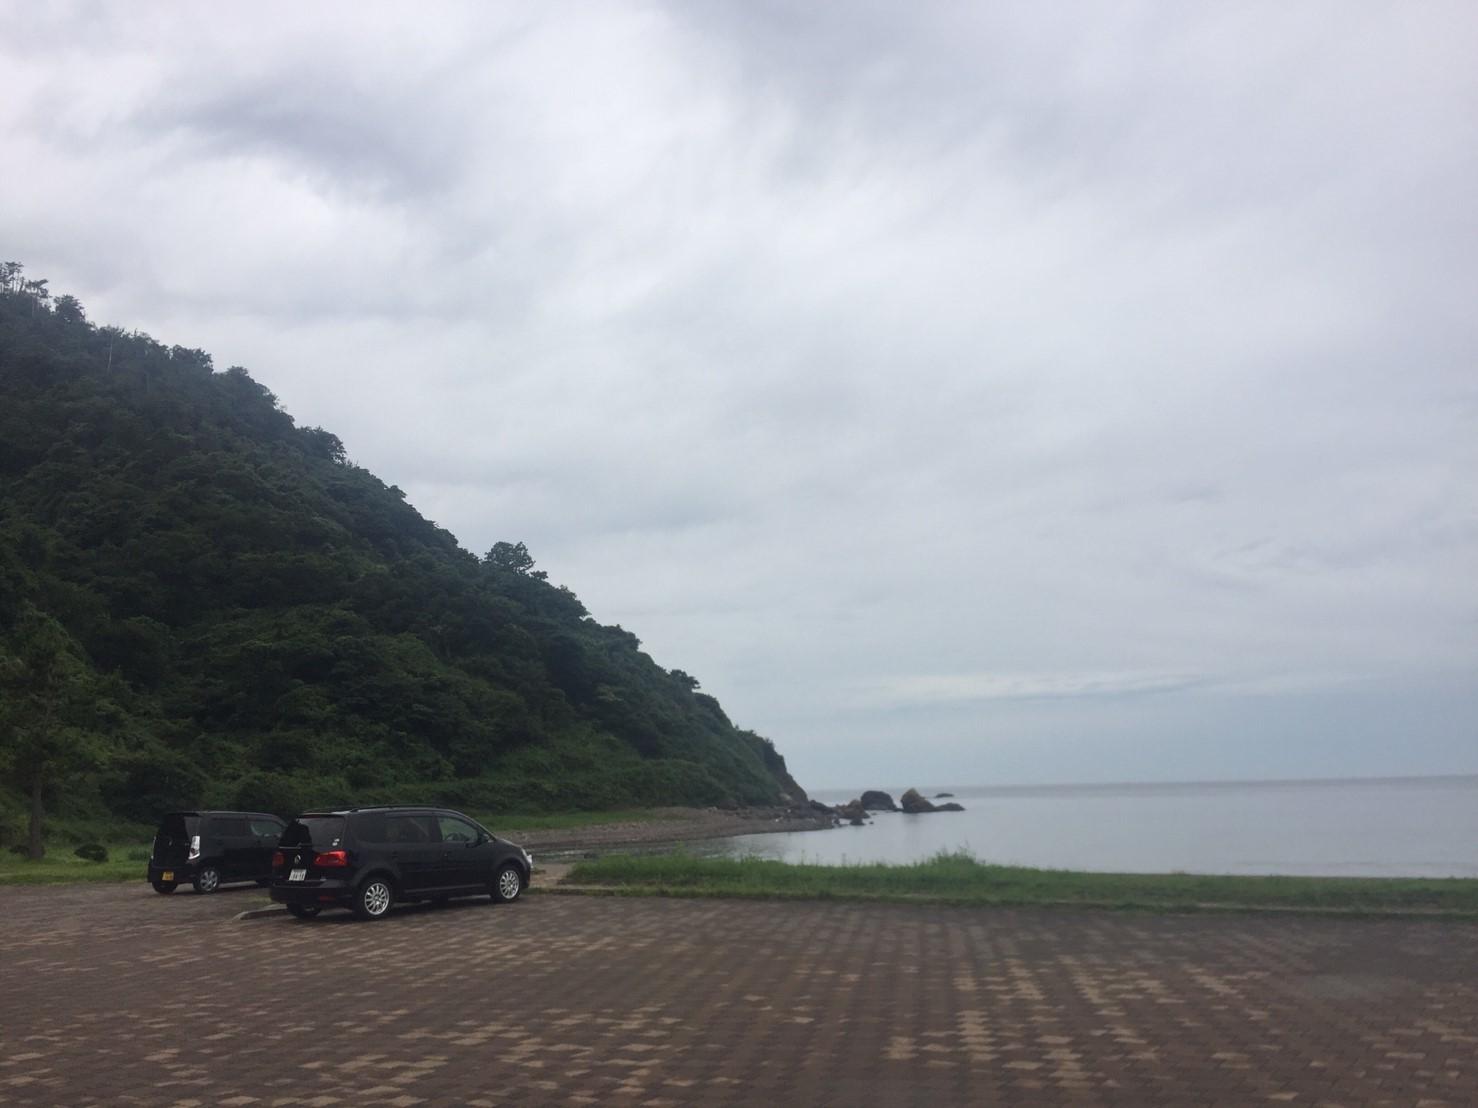 サーフィン部BBQ @大谷海岸_e0115904_07154737.jpg